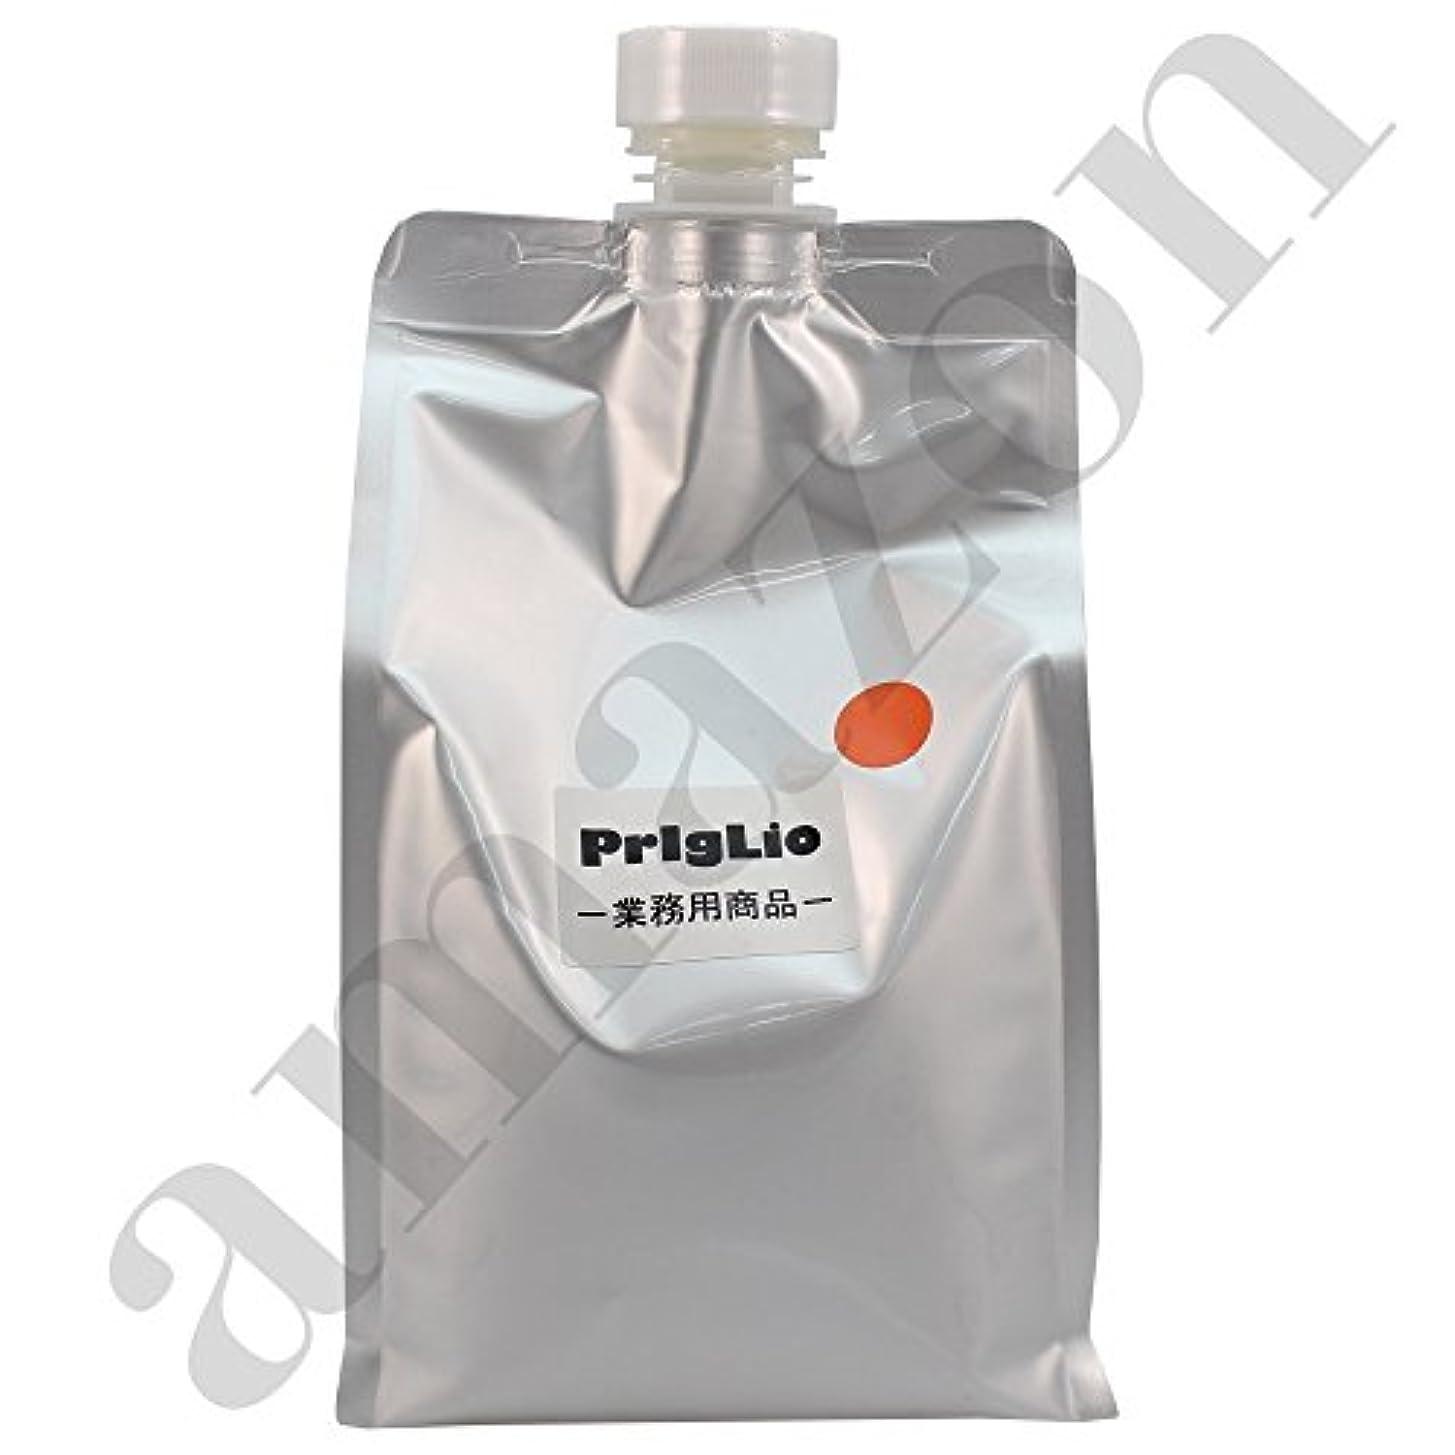 生産性運ぶ特徴づけるPrigLio(プリグリオ) D オレンジシャンプー 900ml